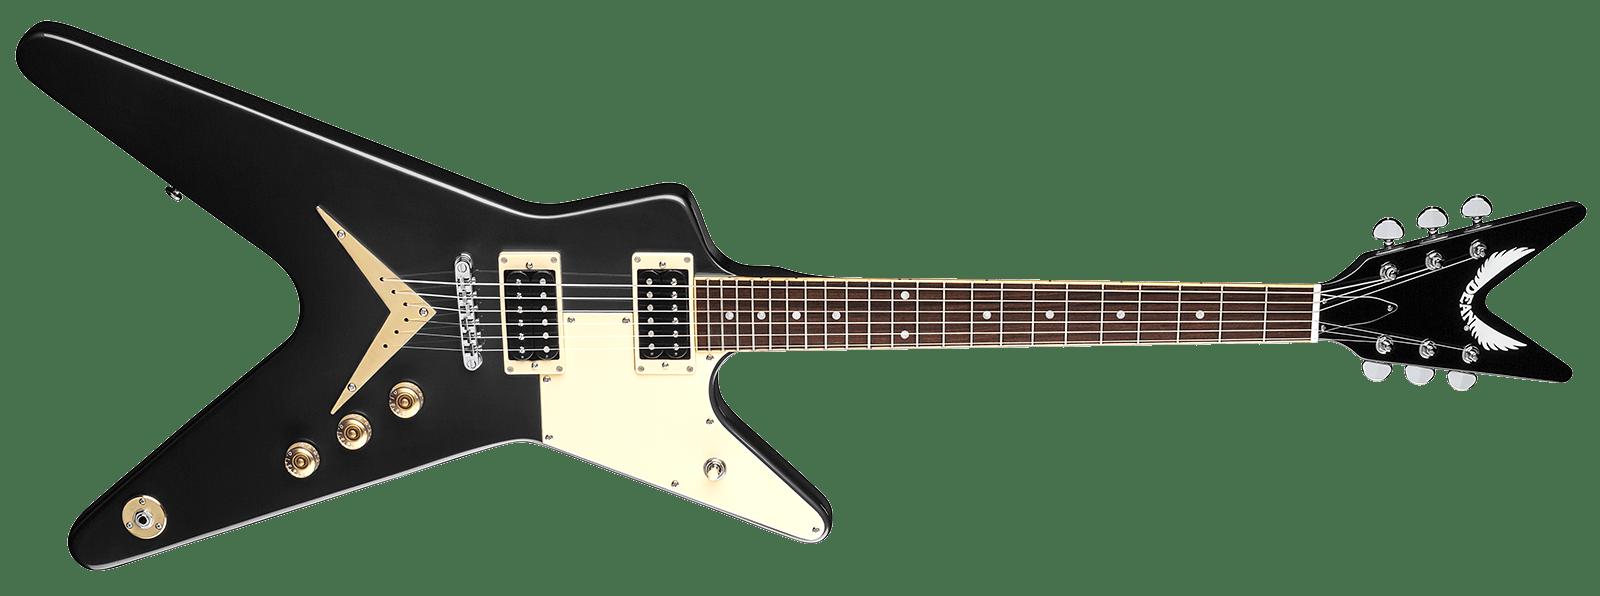 ML 79 Standard w/Half PG Classic Black